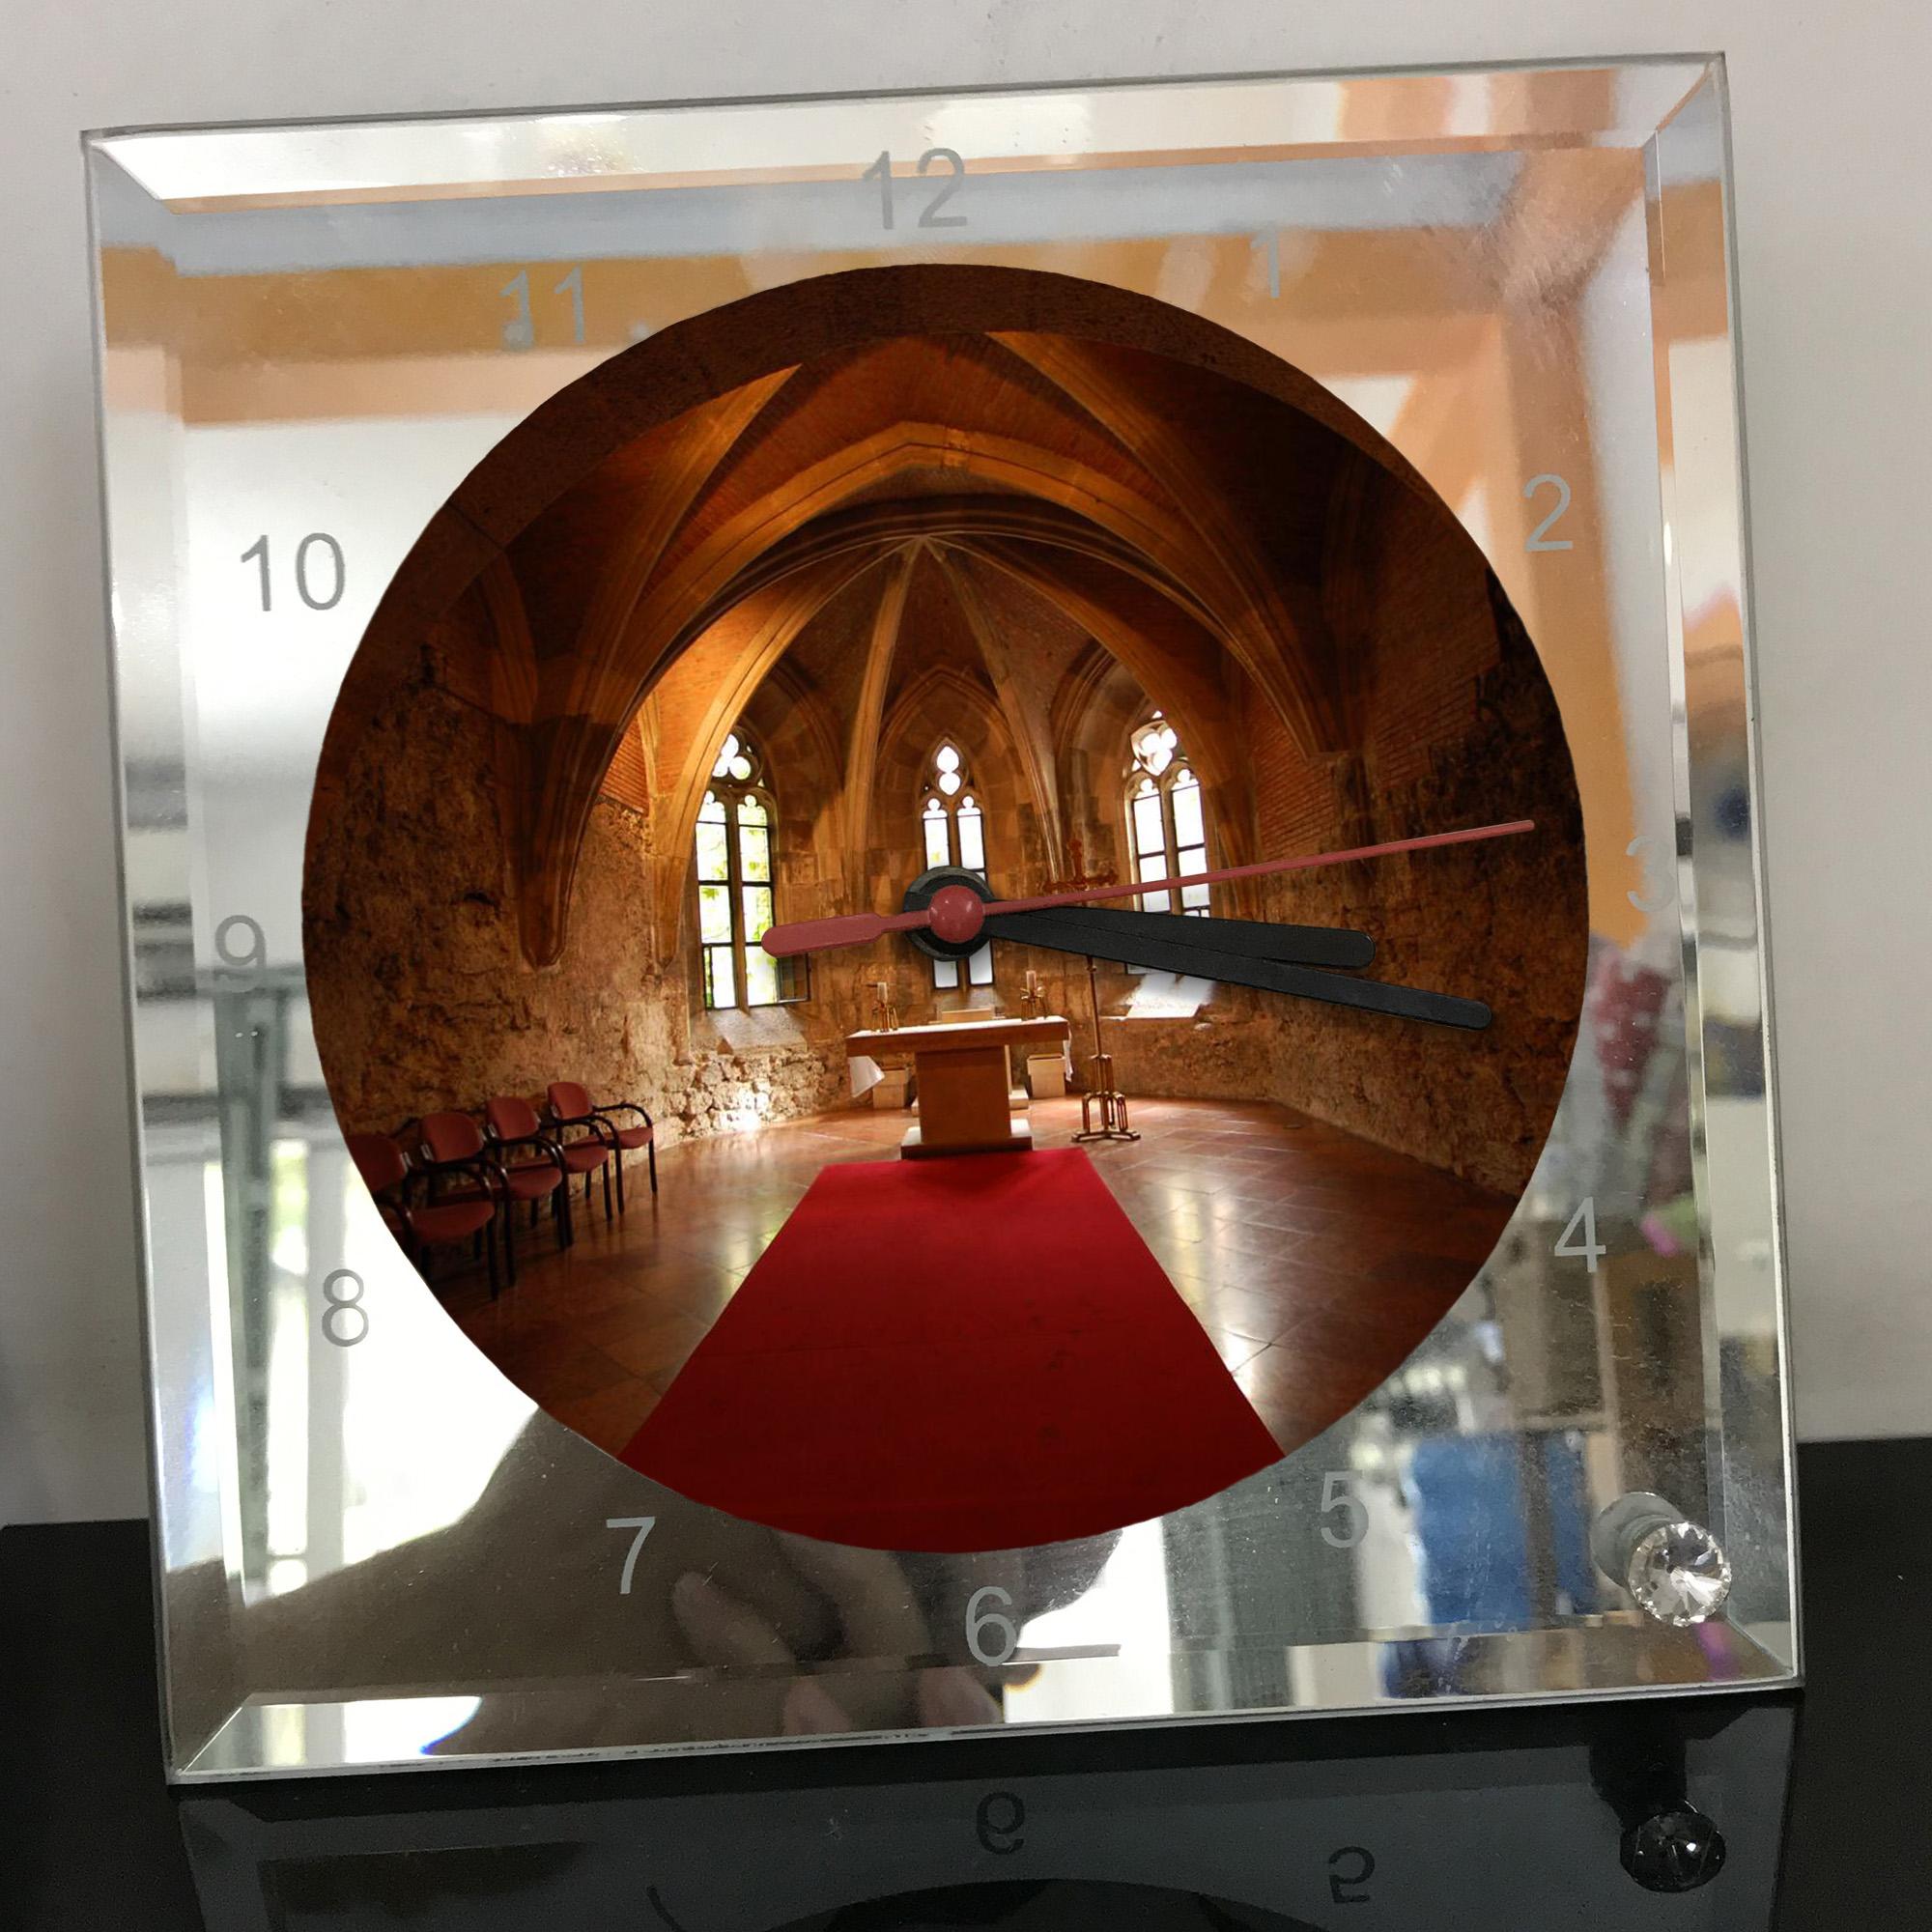 Đồng hồ thủy tinh vuông 20x20 in hình Church - nhà thờ (208) . Đồng hồ thủy tinh để bàn trang trí đẹp chủ đề tôn giáo